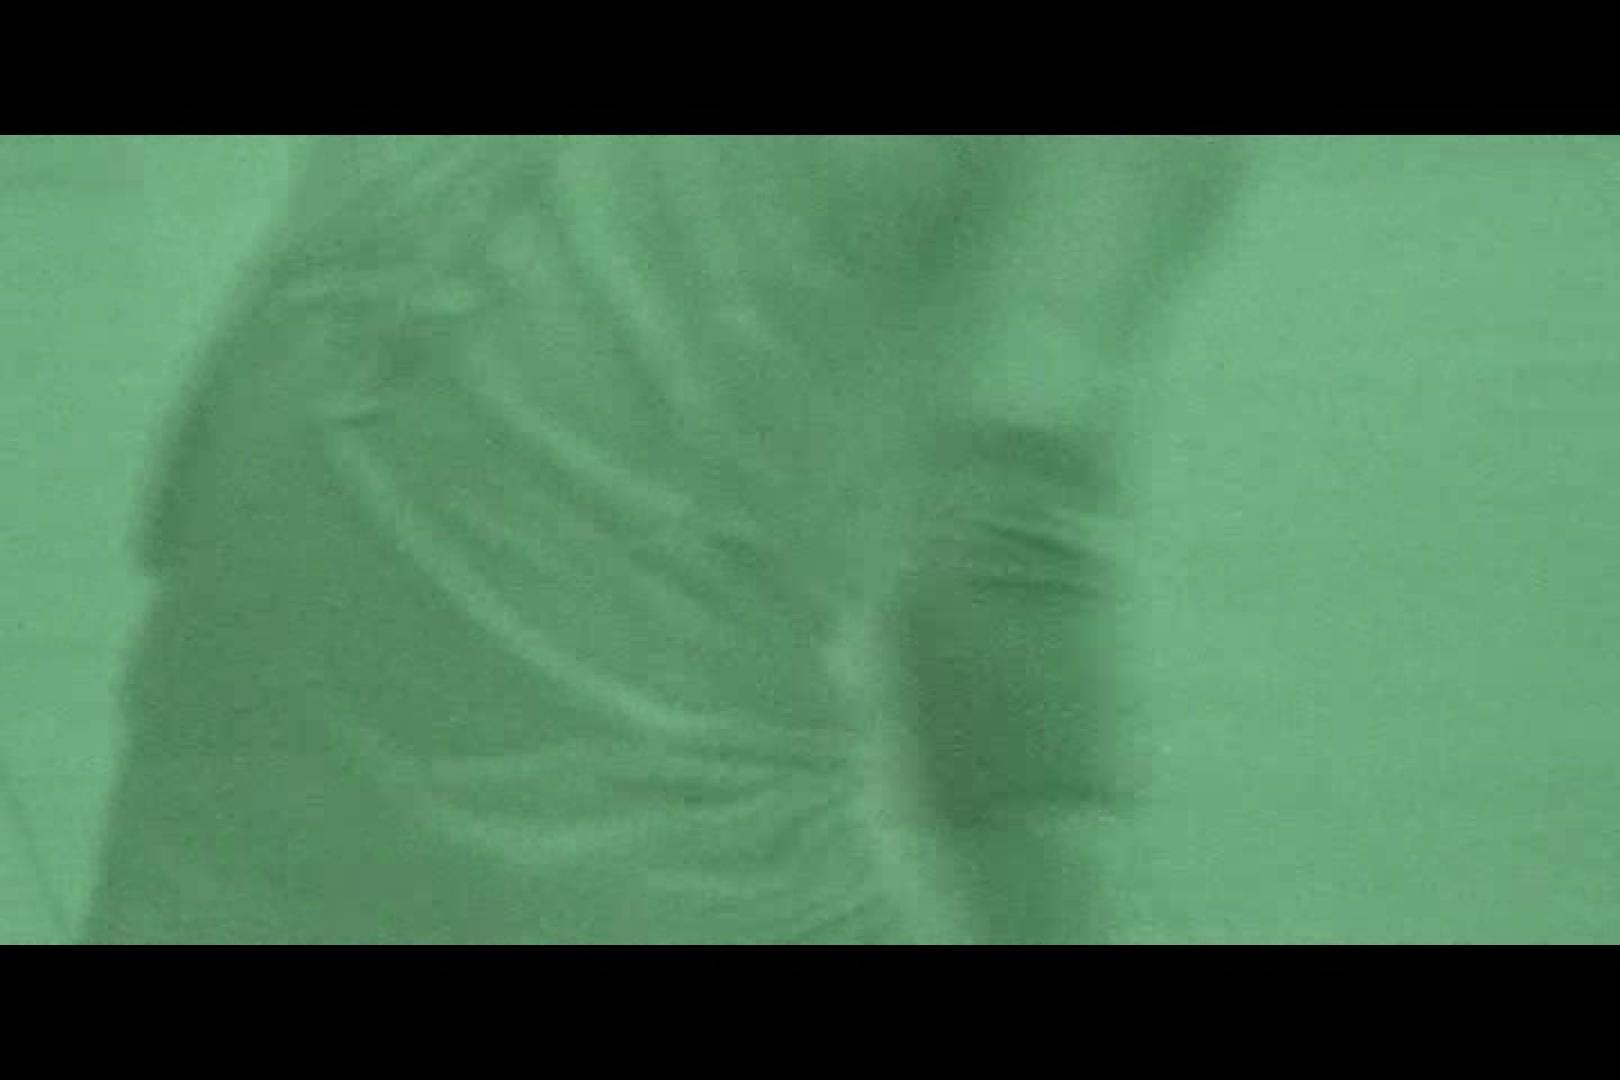 赤外線ムレスケバレー(汗) vol.20 OLすけべ画像 | アスリート  13連発 4